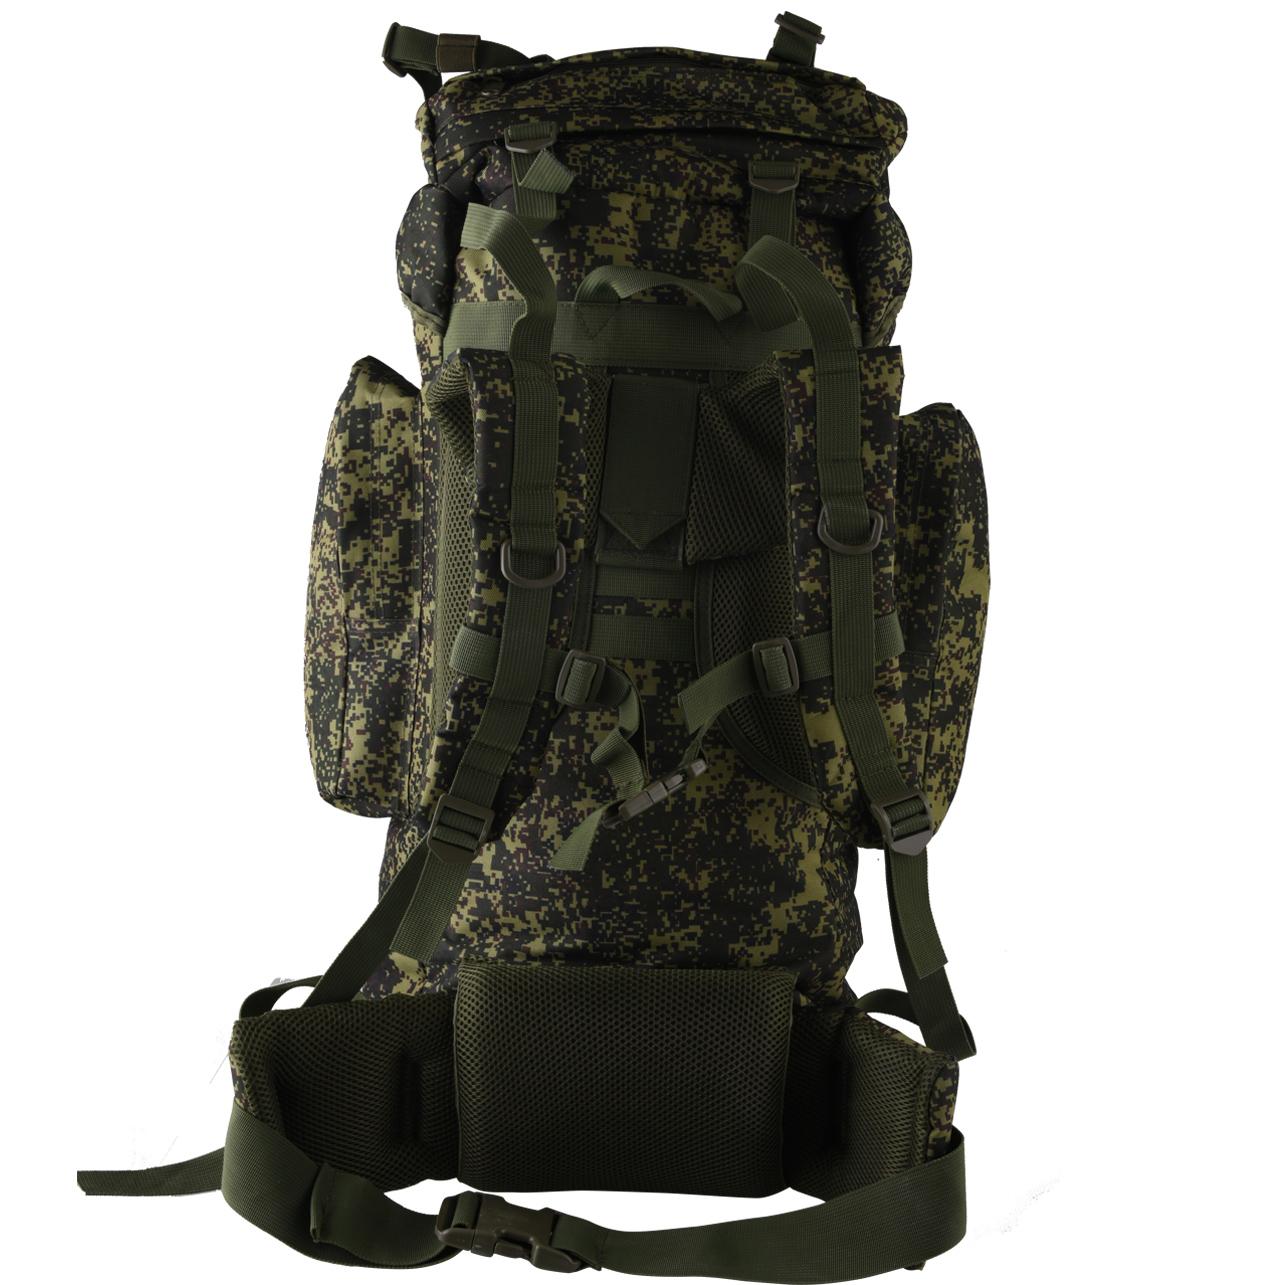 Купить зачетный многодневный рюкзак с нашивкой Потомственный Казак оптом выгодно